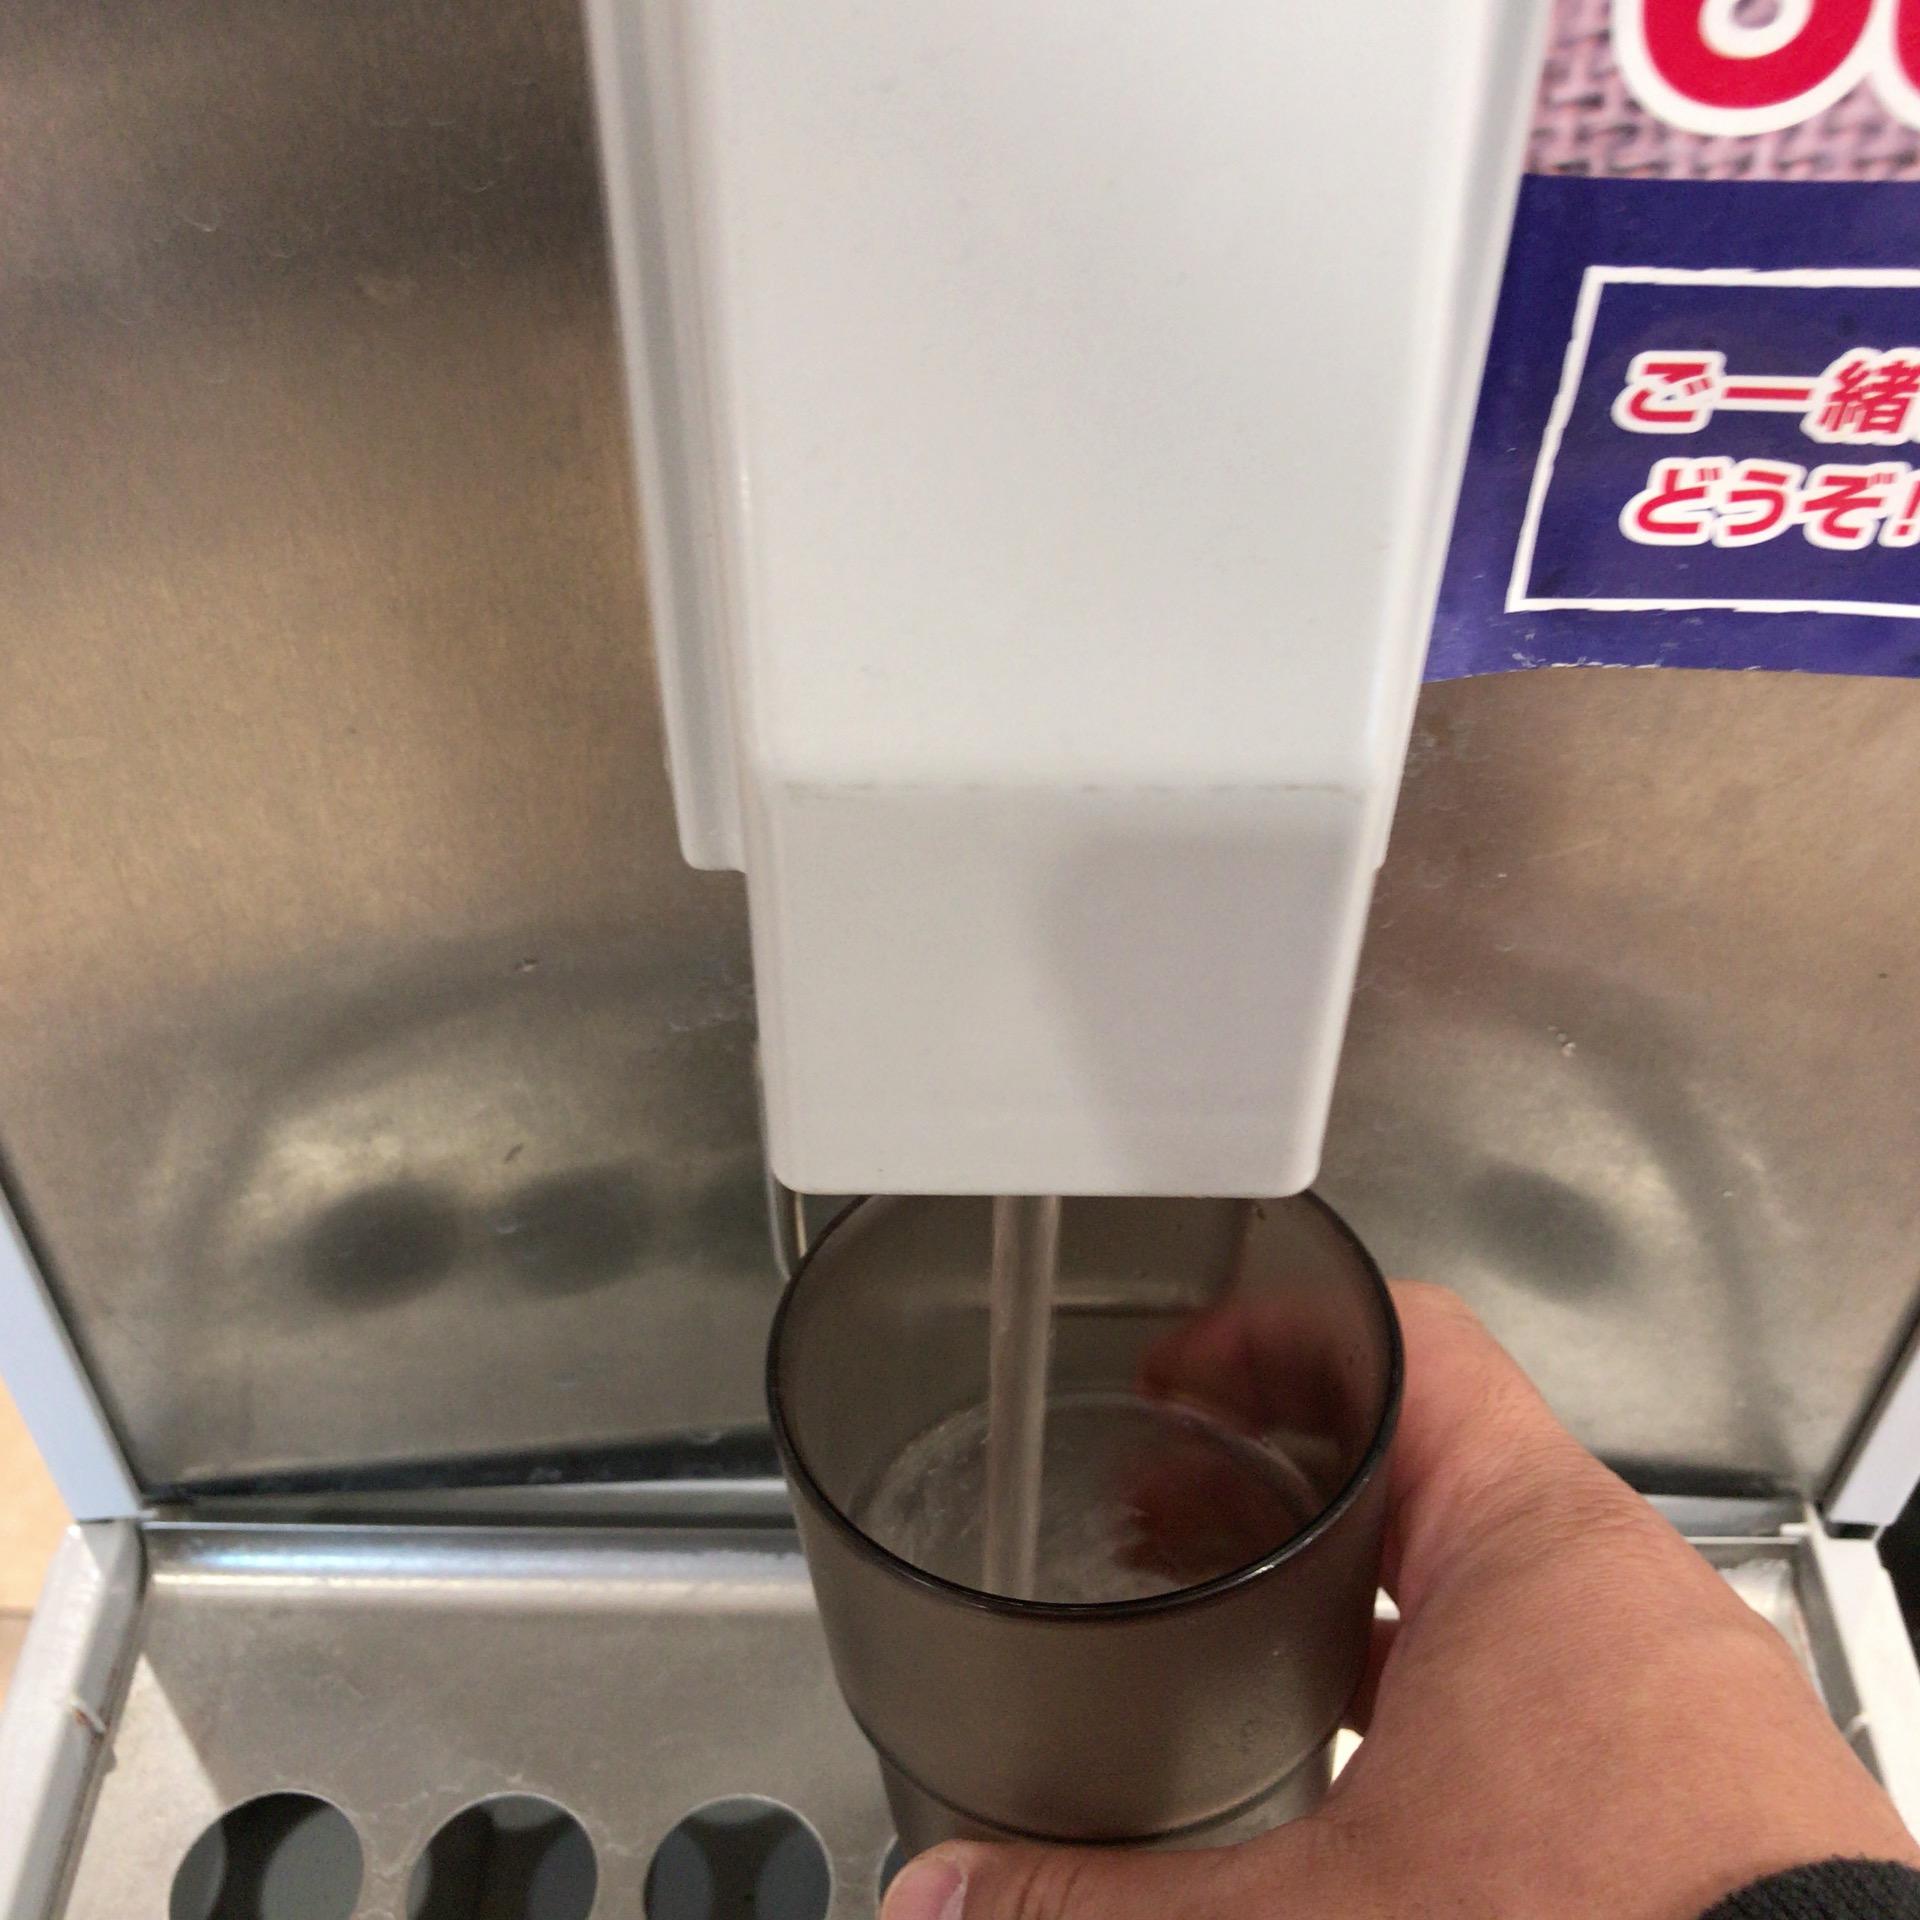 コップに水を注いでいる